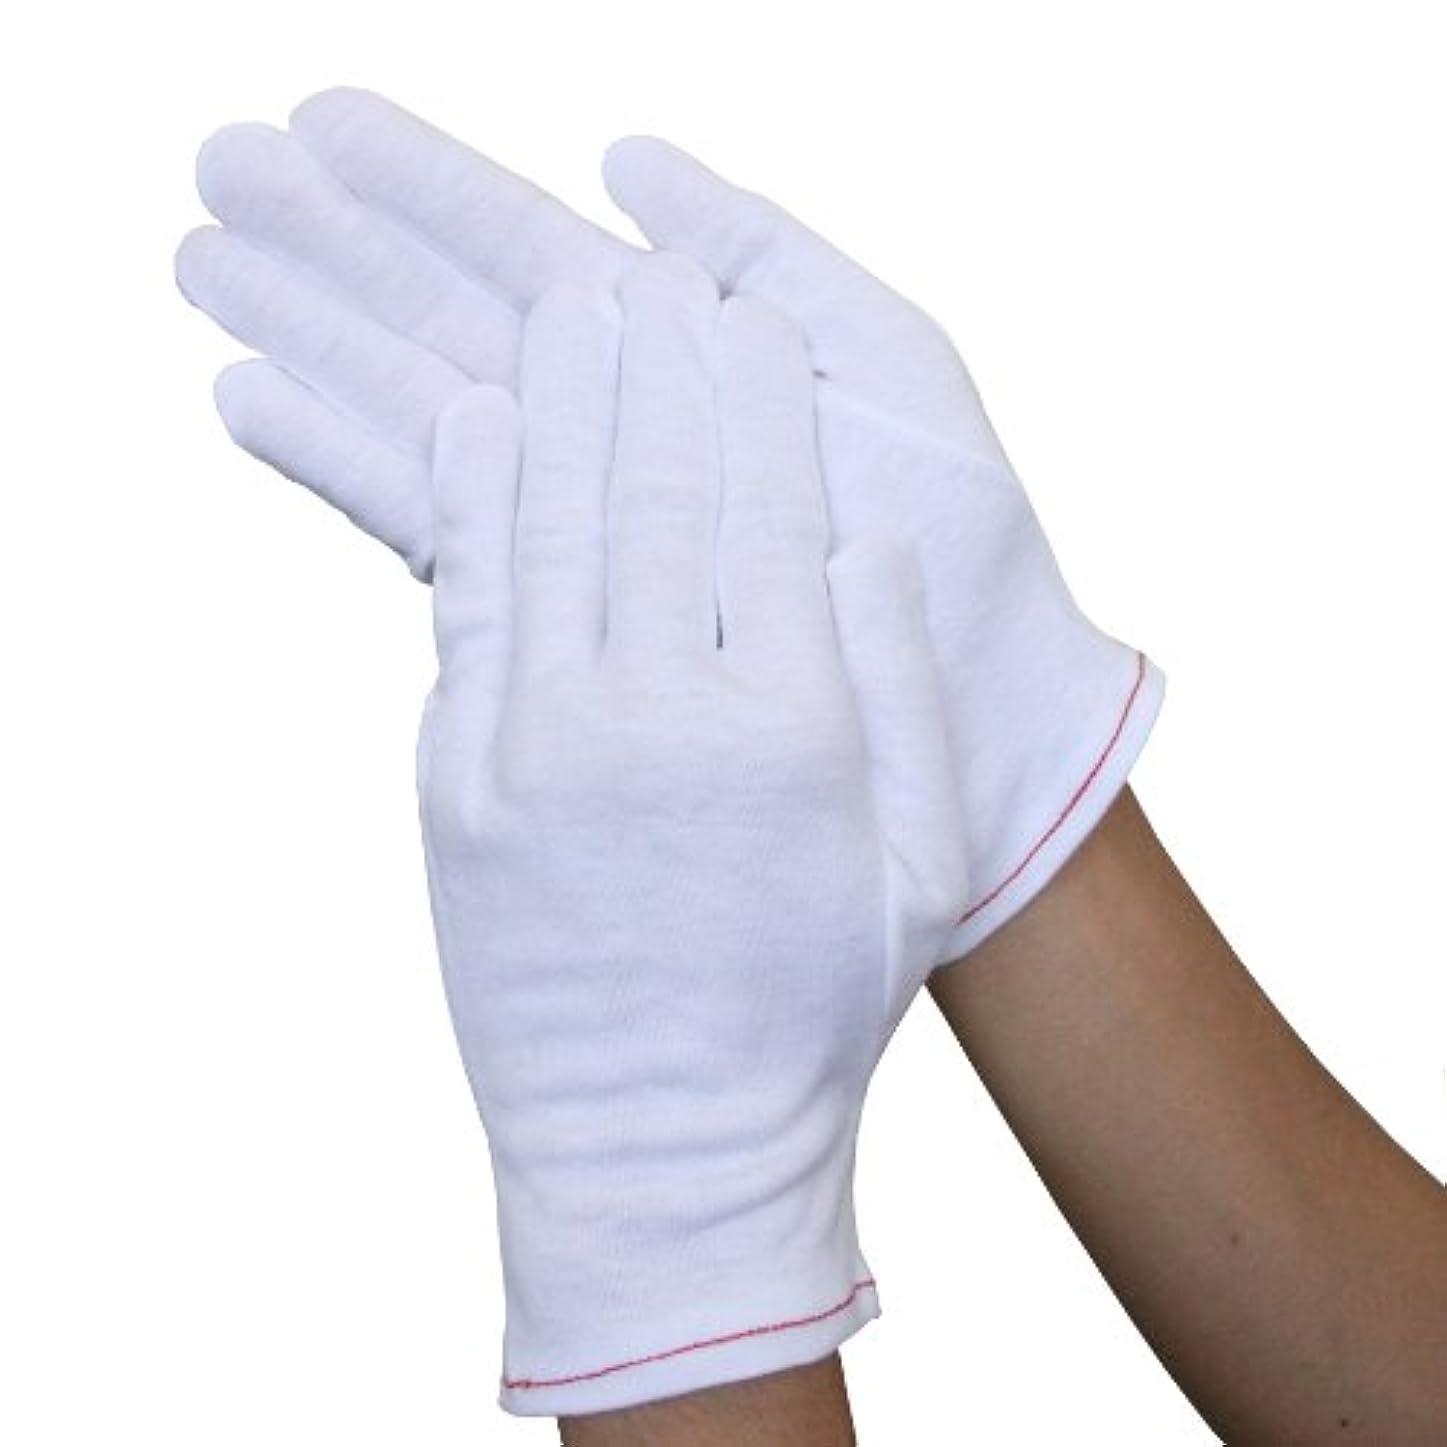 モンキーオッズ退屈なウインセス 【心地よい肌触り/おやすみ手袋】 綿100%手袋 (2双) (LL)